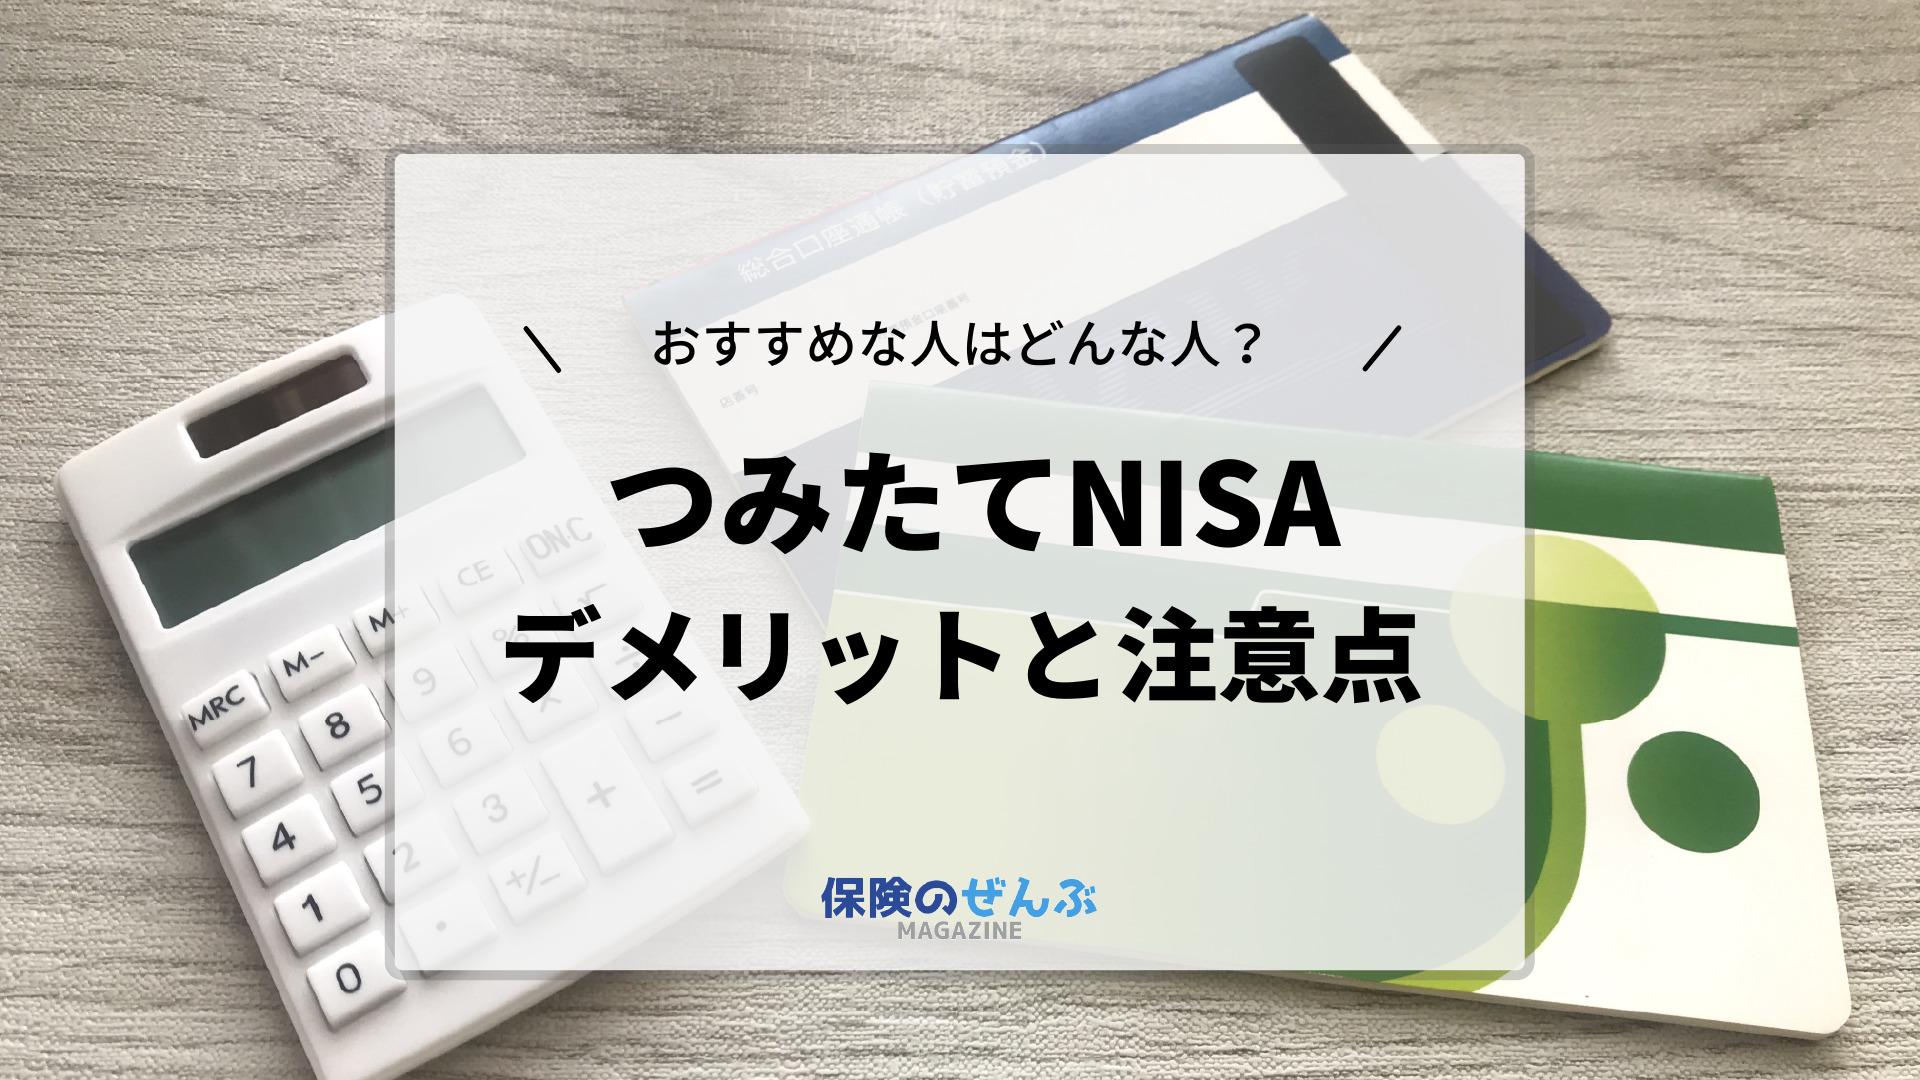 積立NISAはやめたほうがいい?損?デメリットと注意点を徹底解説